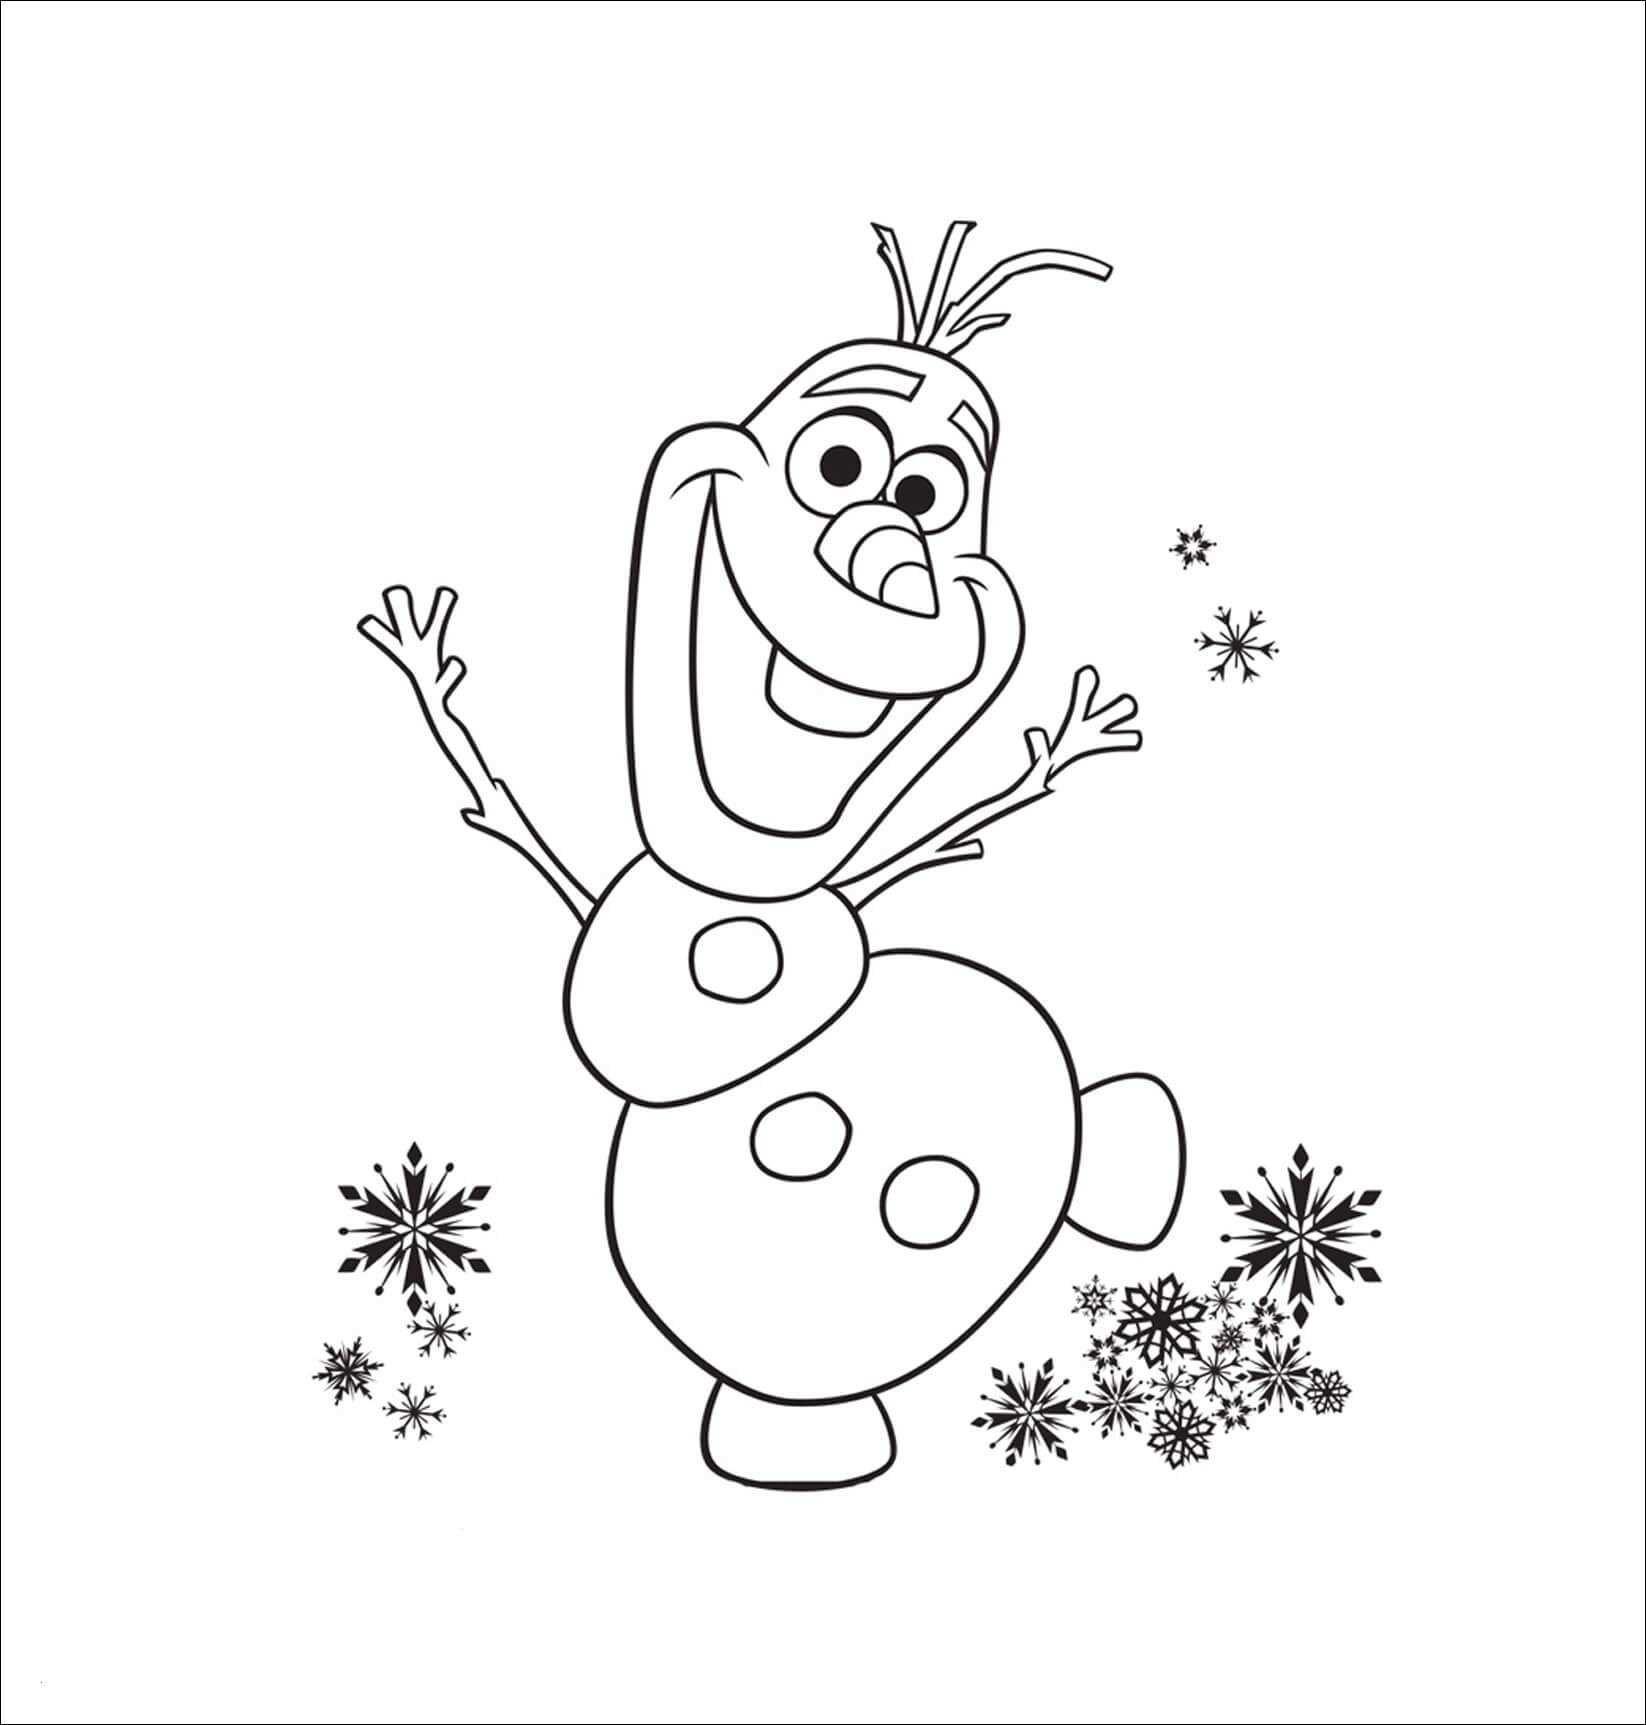 Olaf Frozen Ausmalbilder Das Beste Von Elsa Und Anna Malvorlagen 40 Frozen Ausmalbilder Olaf Bilder